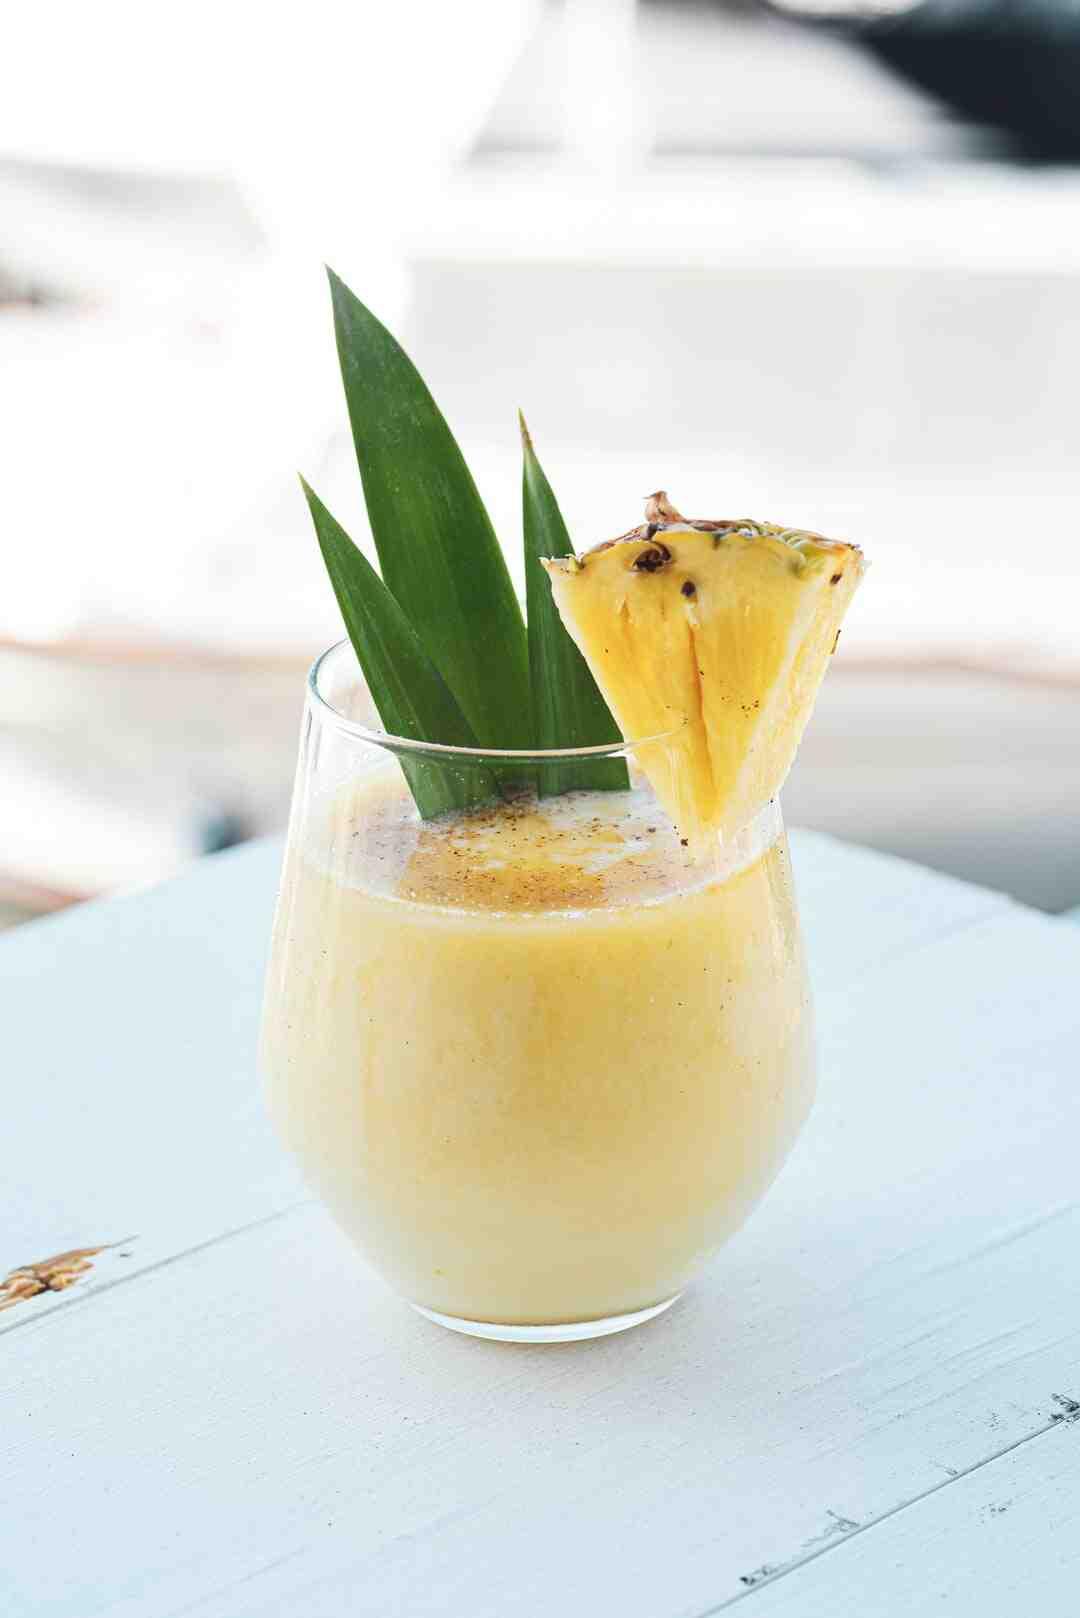 Comment faire pousser un ananas à partir d'un ananas ?